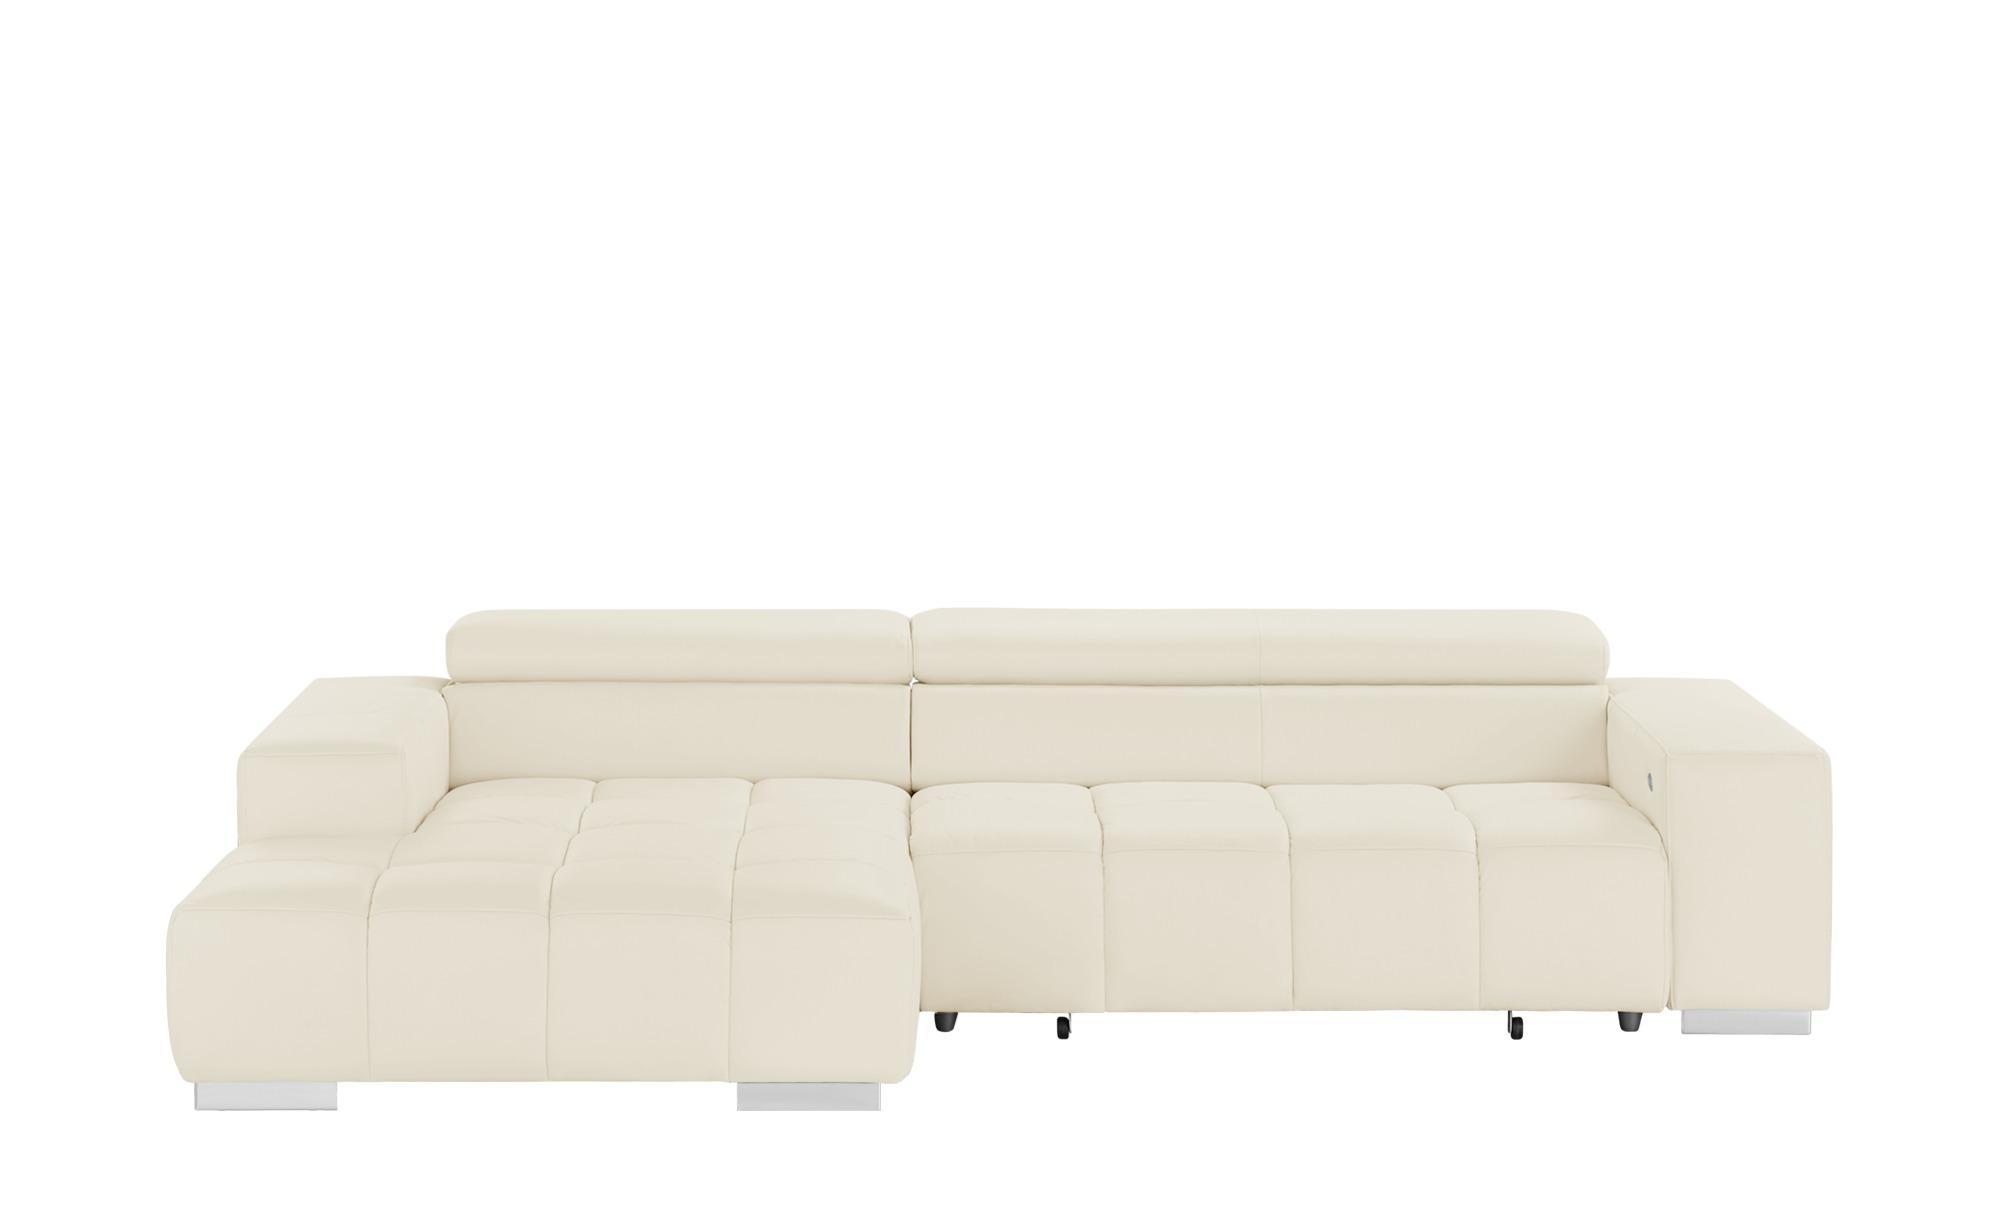 Ecksofa origo breite h he 70 cm wei online kaufen bei for Ecksofa 1 70